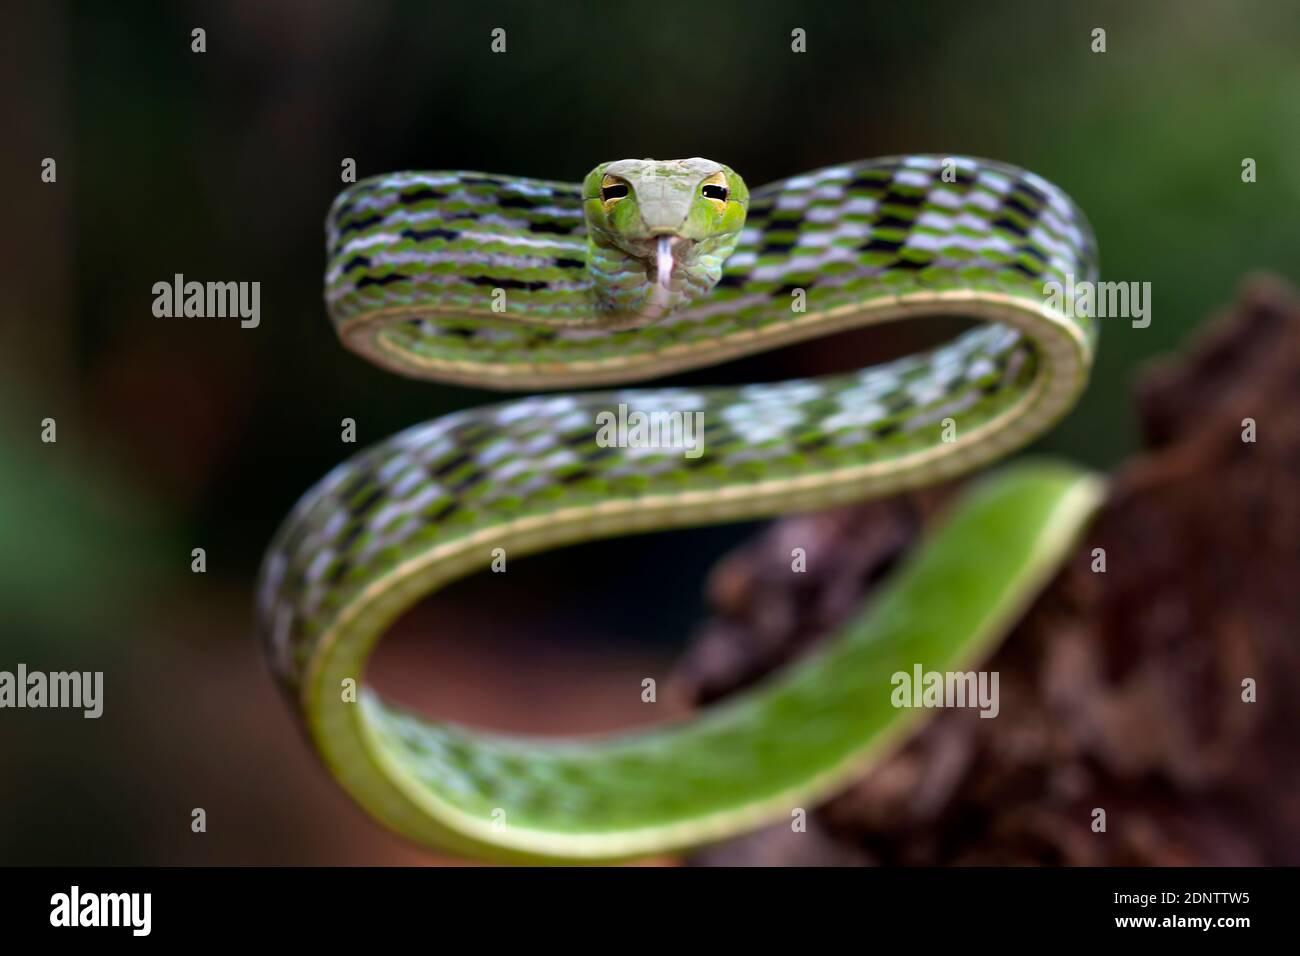 Primer plano de una serpiente de vid asiática en una rama, Indonesia Foto de stock